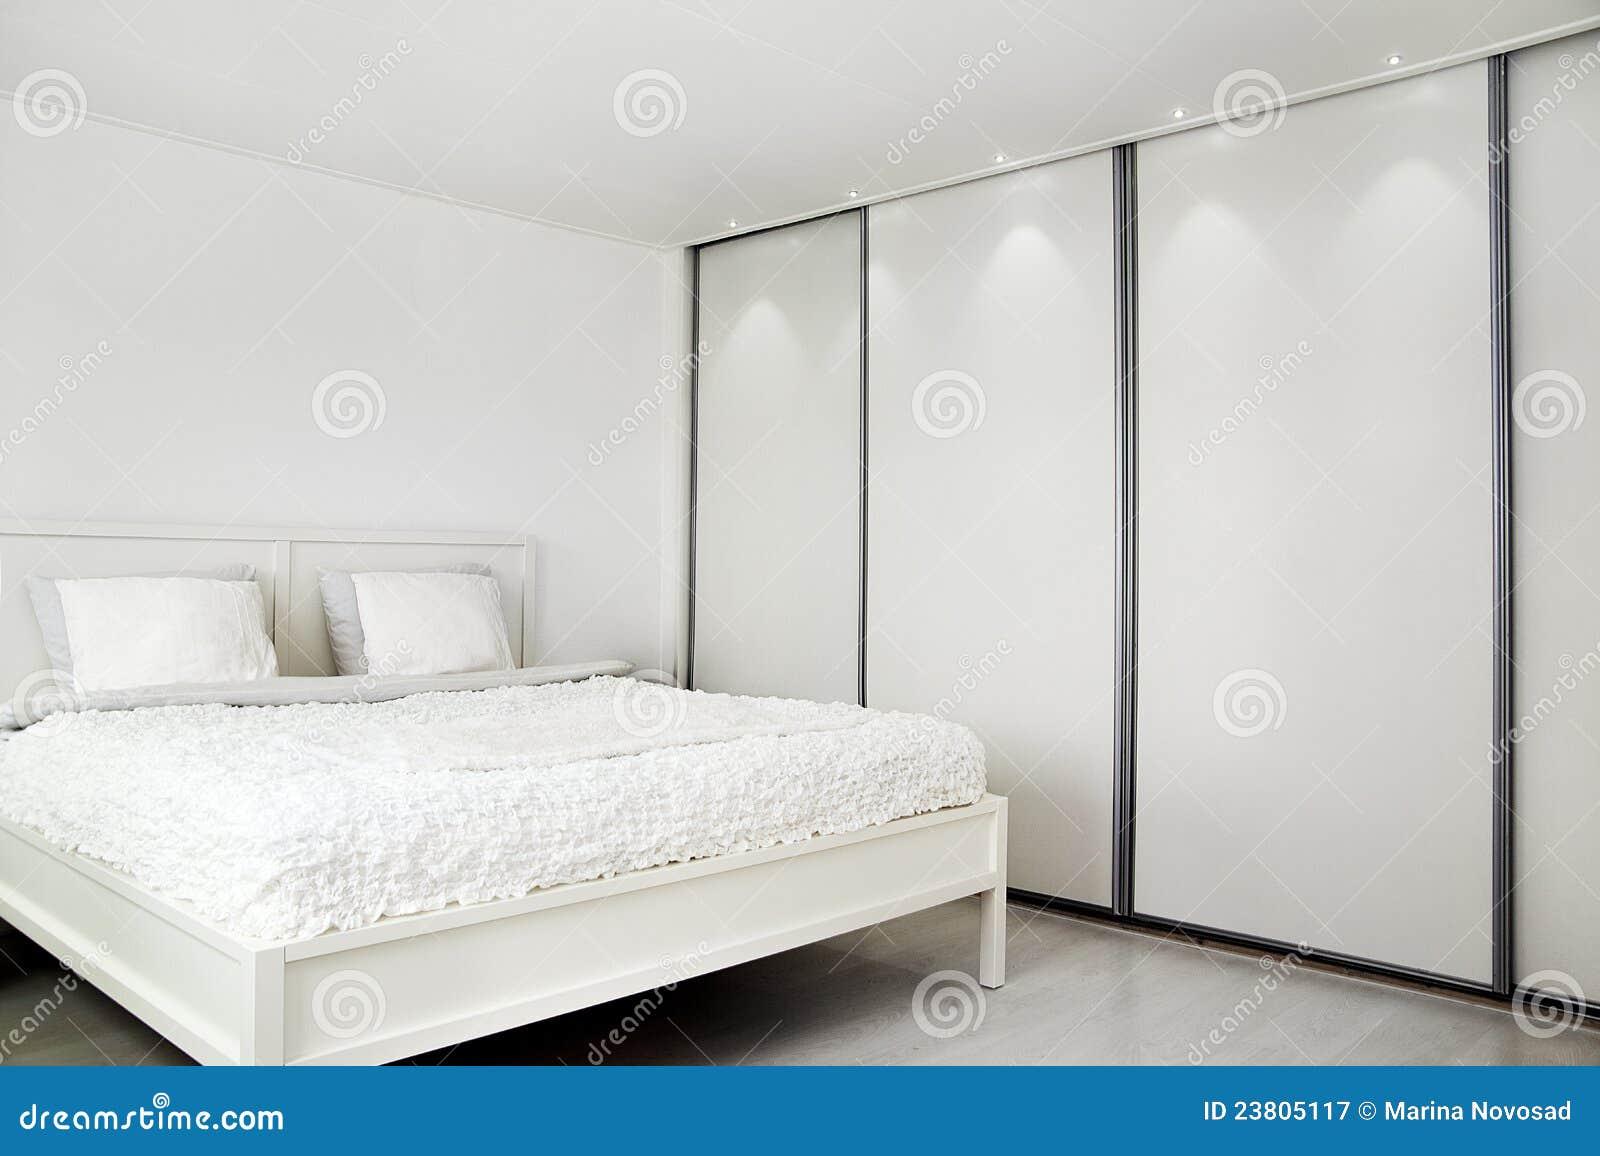 schlafzimmer bett und ein wandschrank stockbild bild 23805117. Black Bedroom Furniture Sets. Home Design Ideas